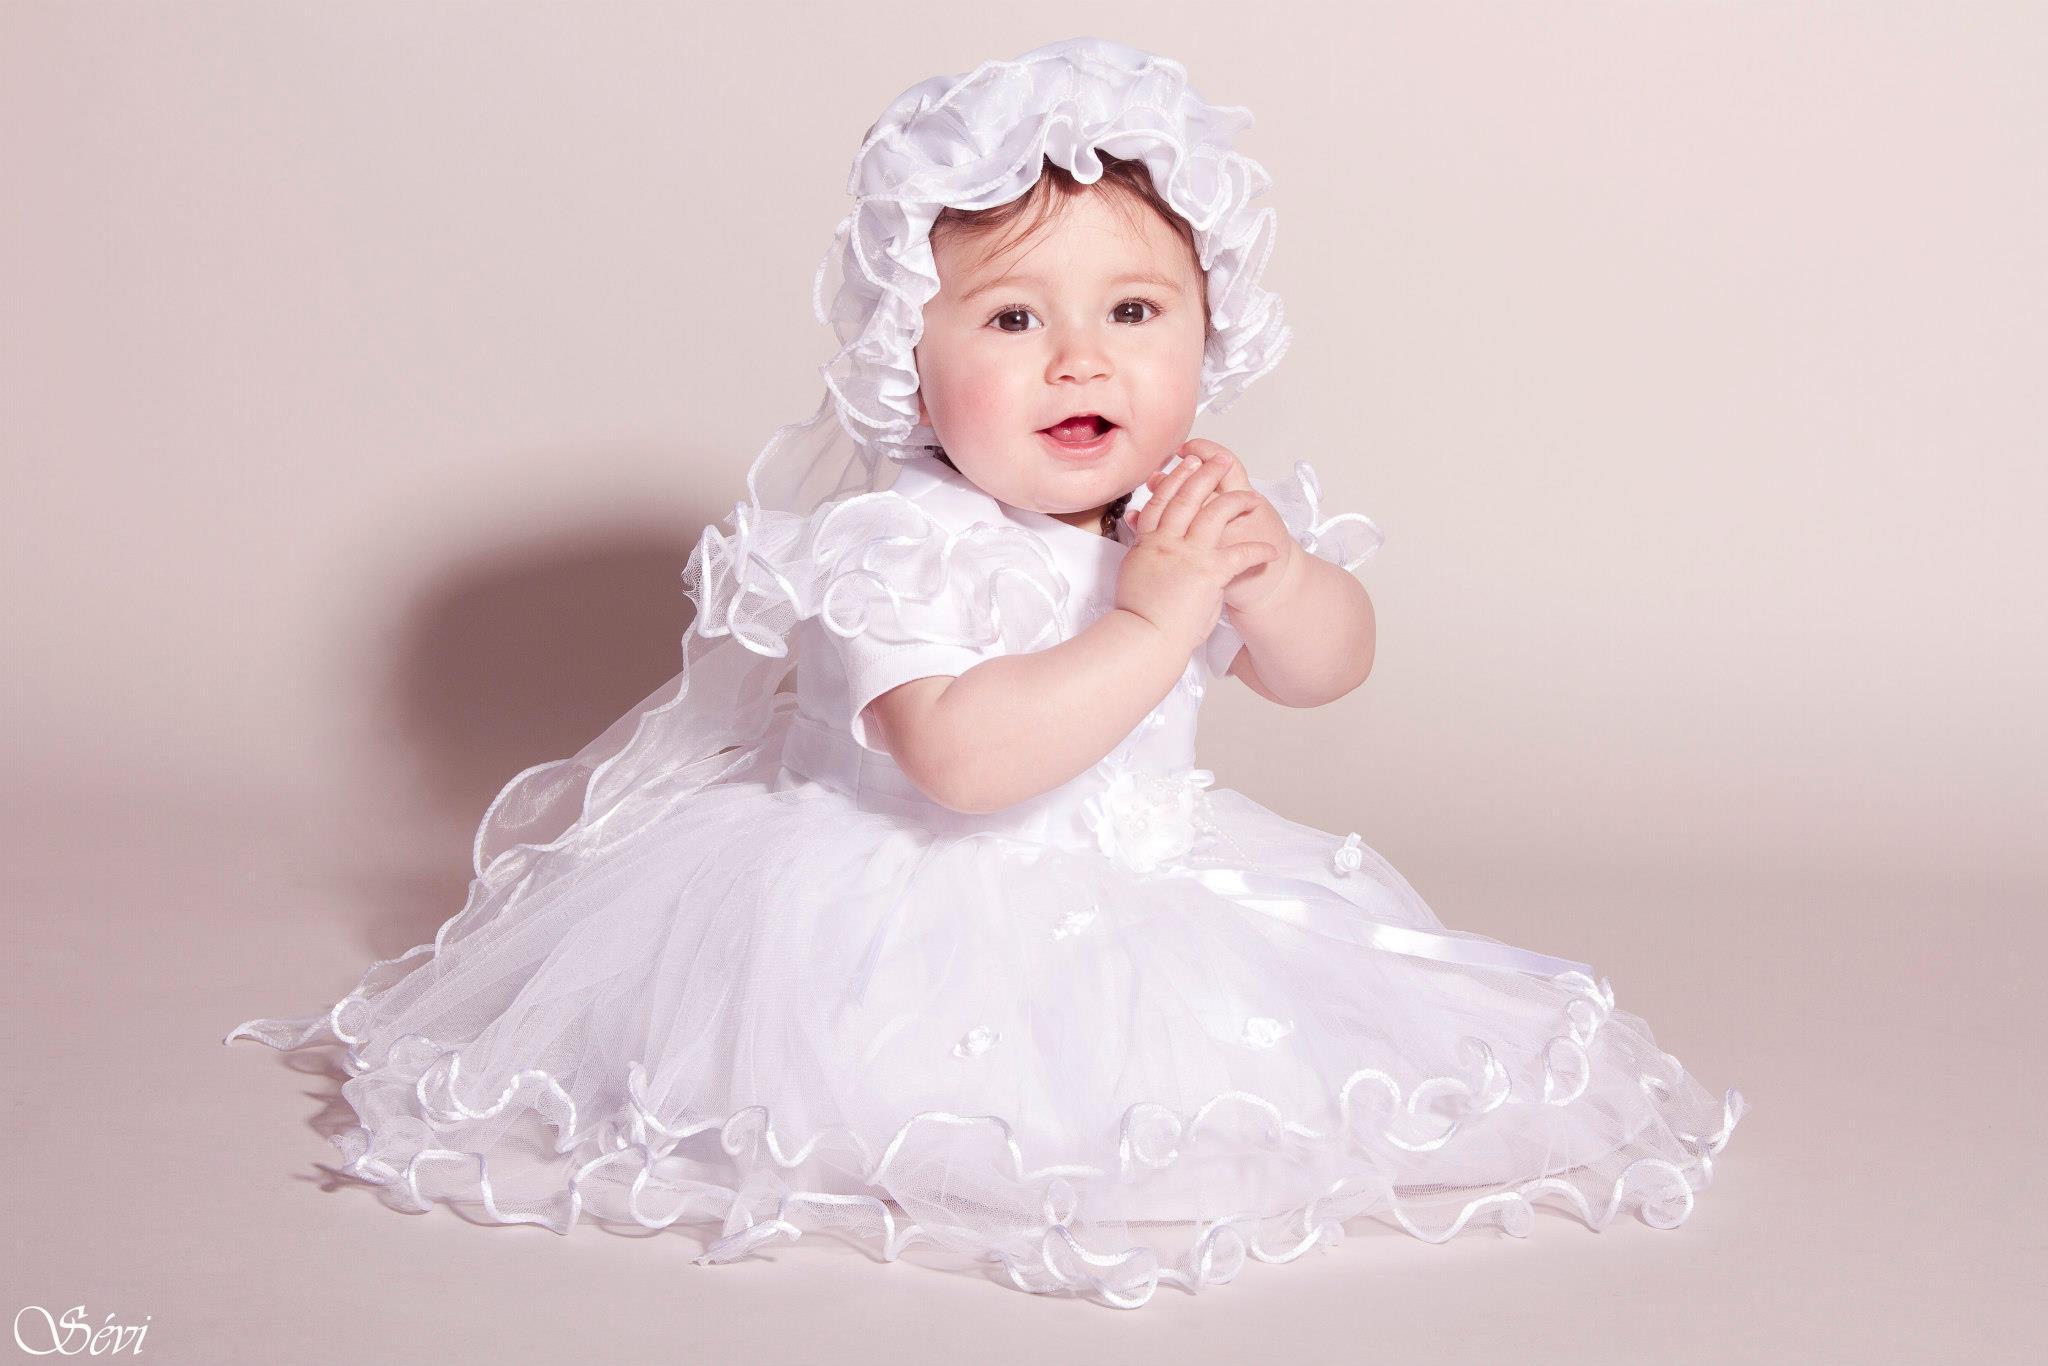 Photo enfant petite fille robe baptême studio